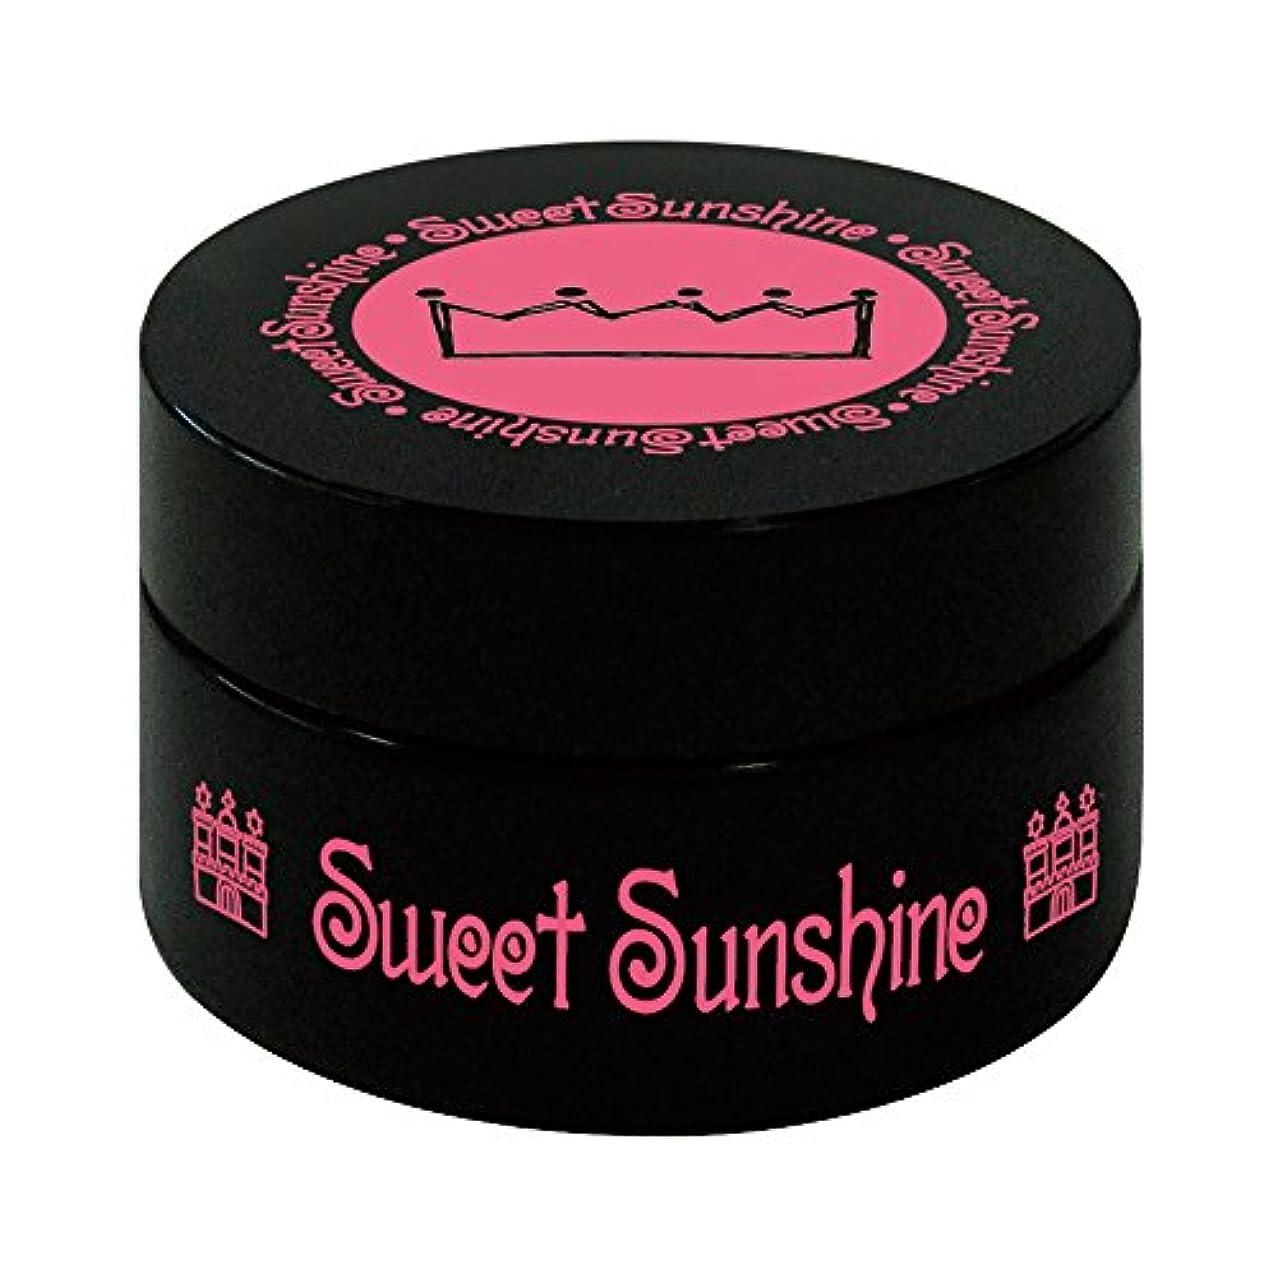 矢印ショッピングセンター事務所Sweet Sunshine カラージェル 4g BSC- 1 ラブイズスウィート パール UV/LED対応タイオウ